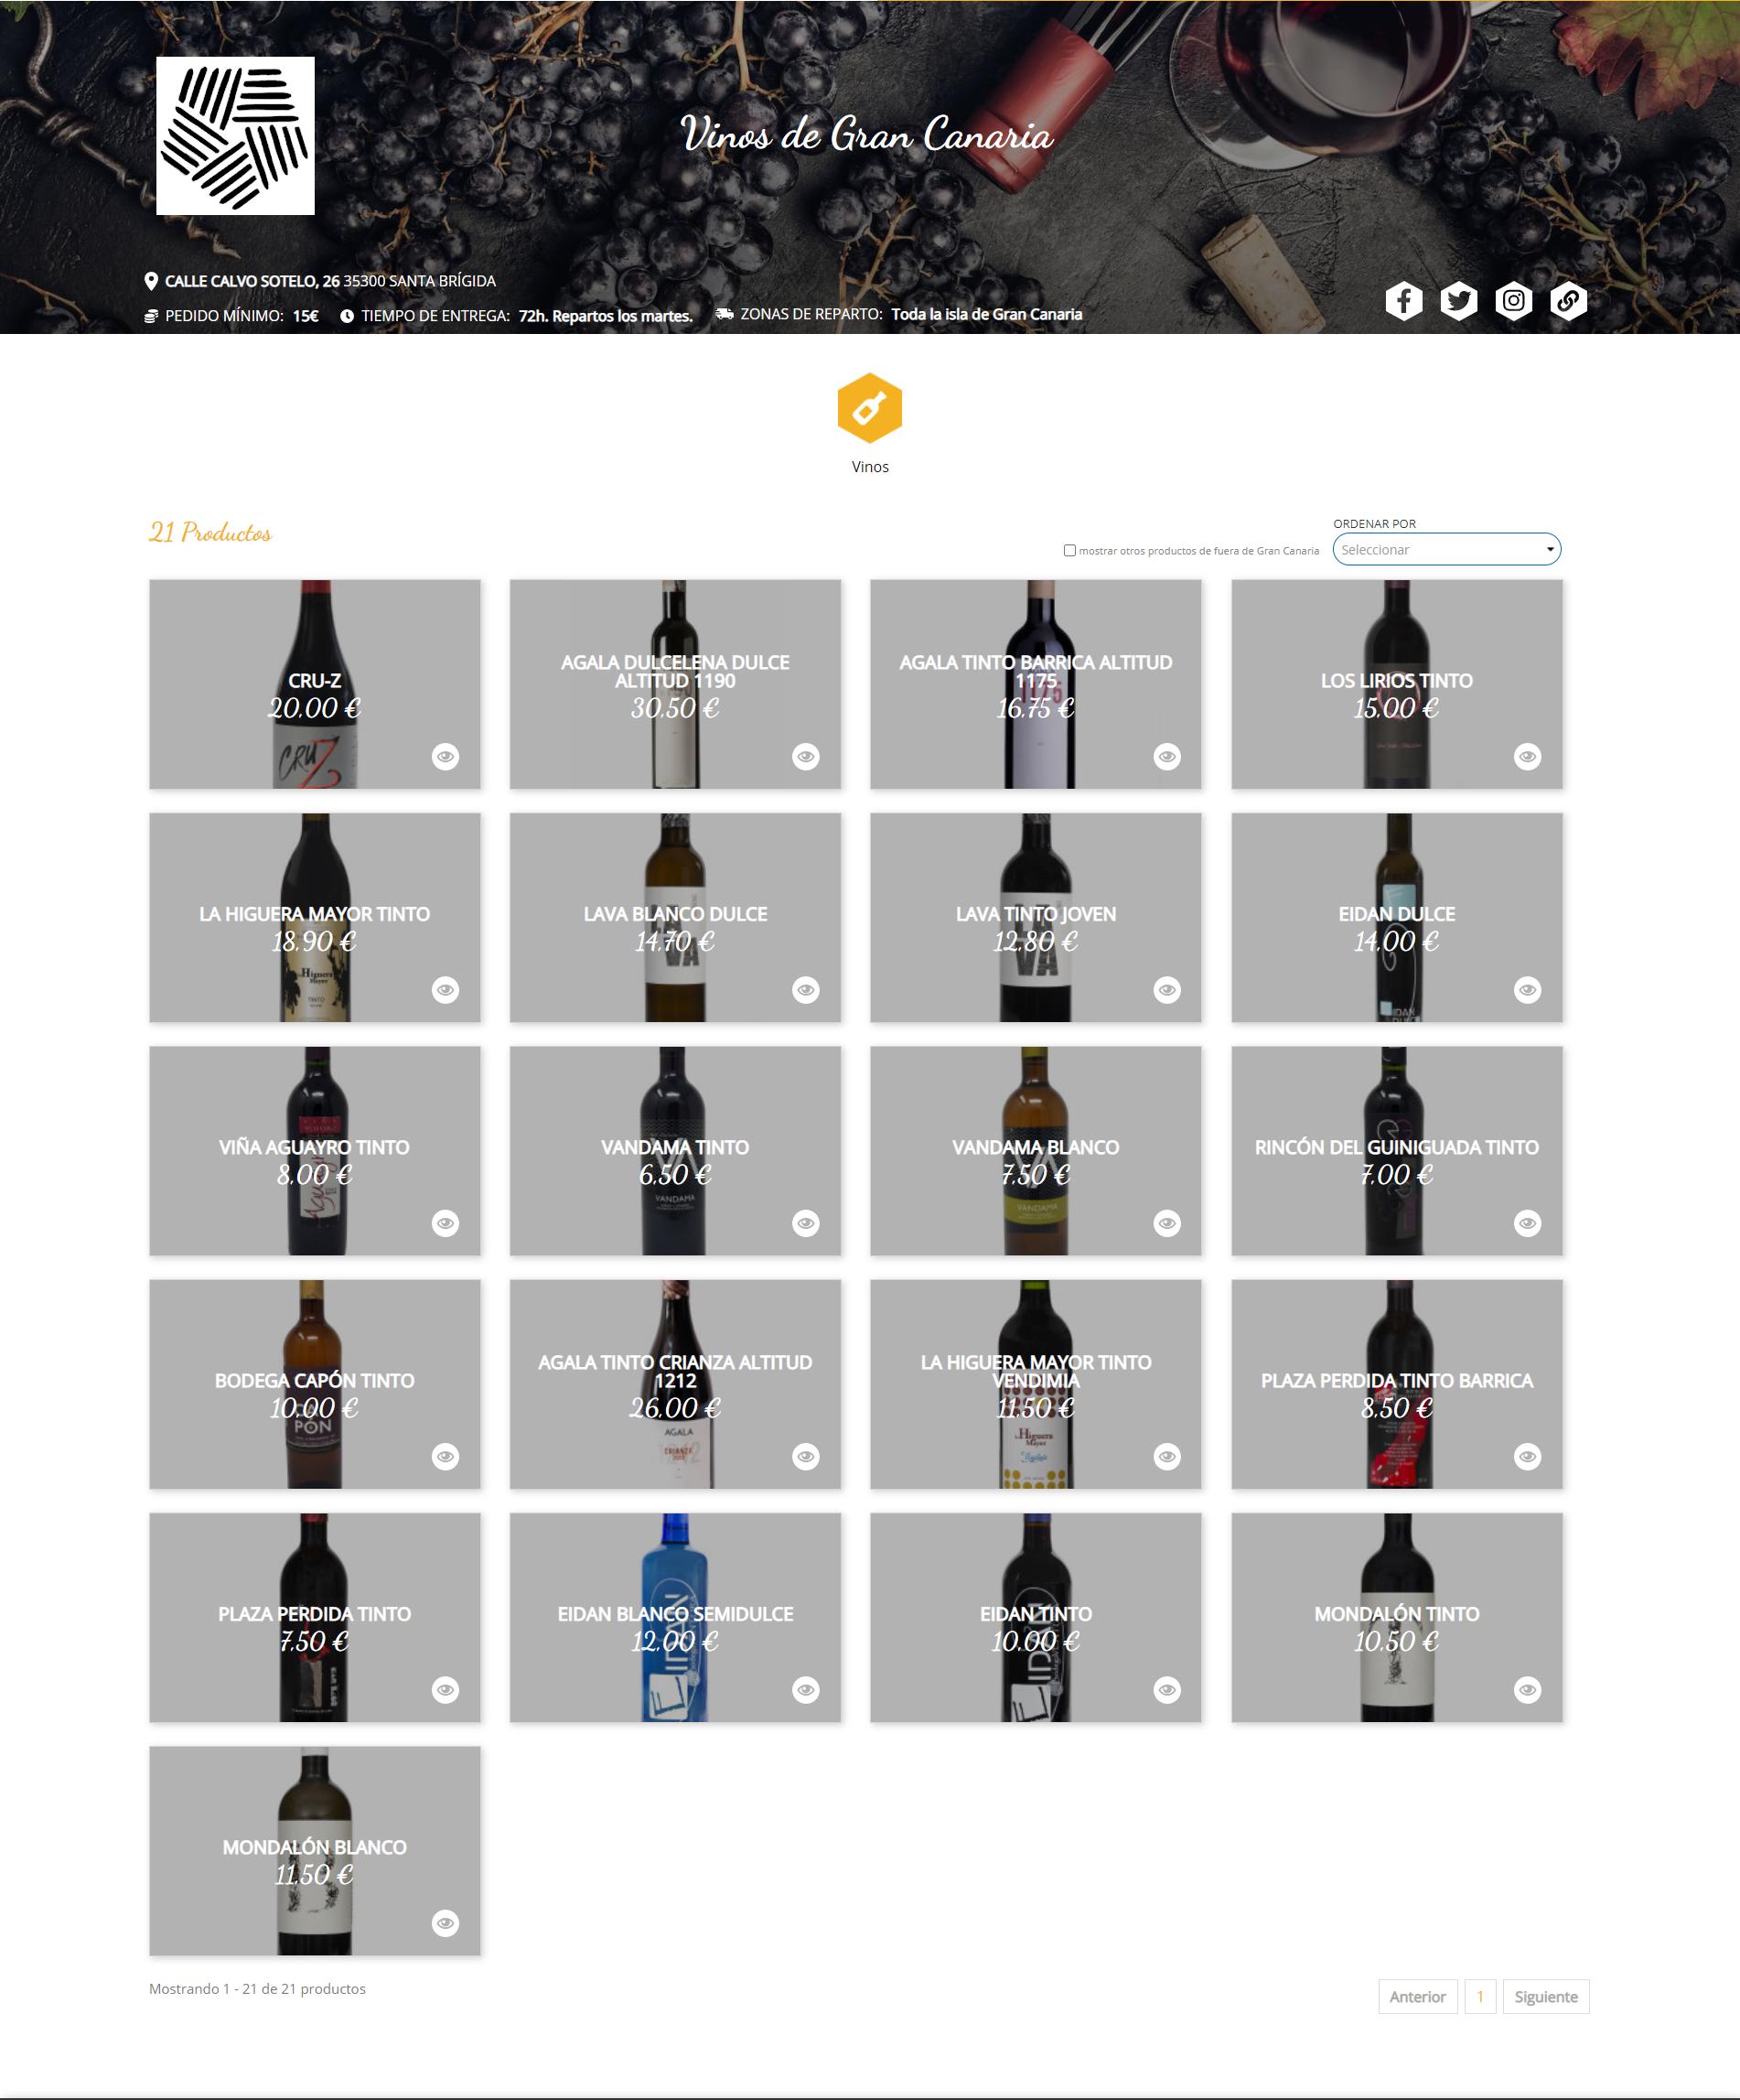 21 vinos grancanarios están disponibles en la plataforma de venta de Gran Canaria Me Gusta